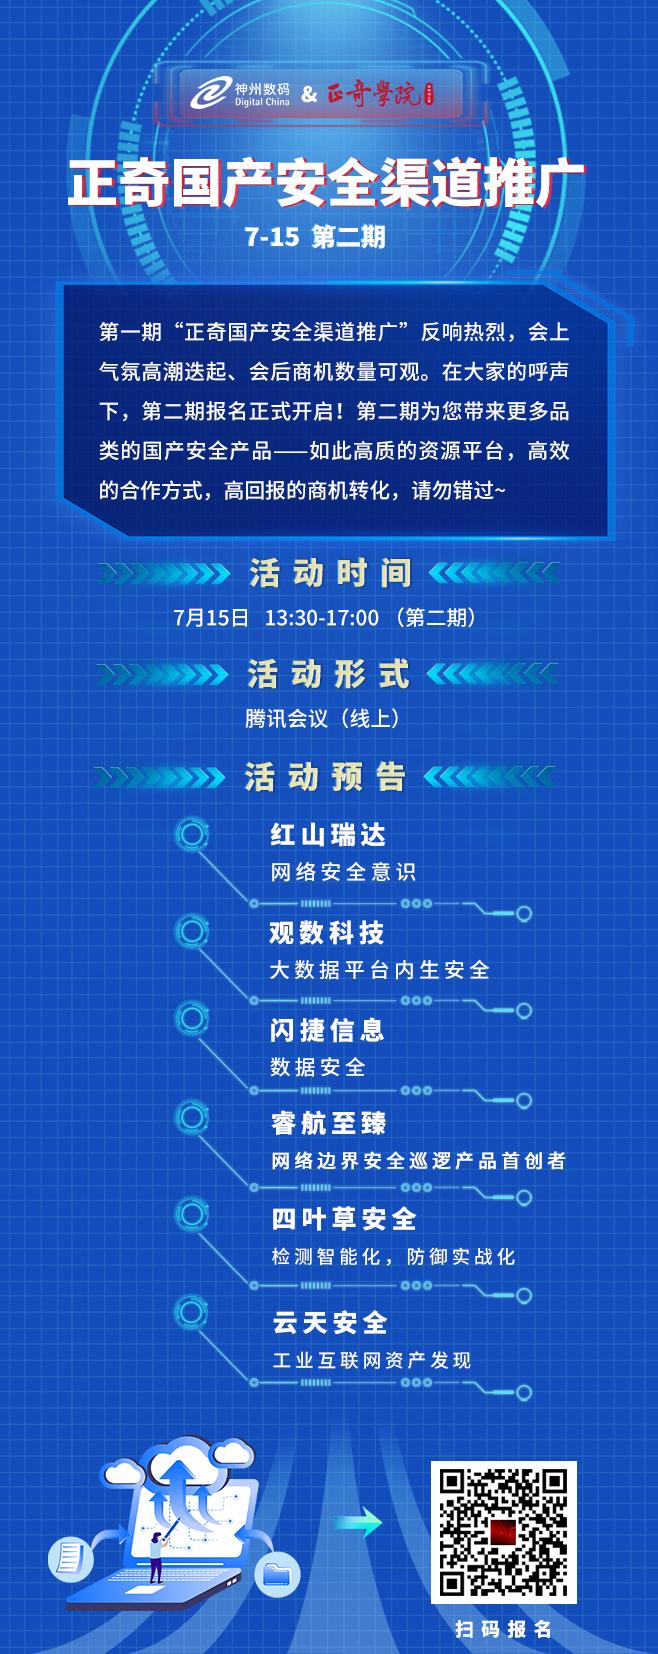 渠道必读:3小时筛选出5种靠谱网络安全产品的方法